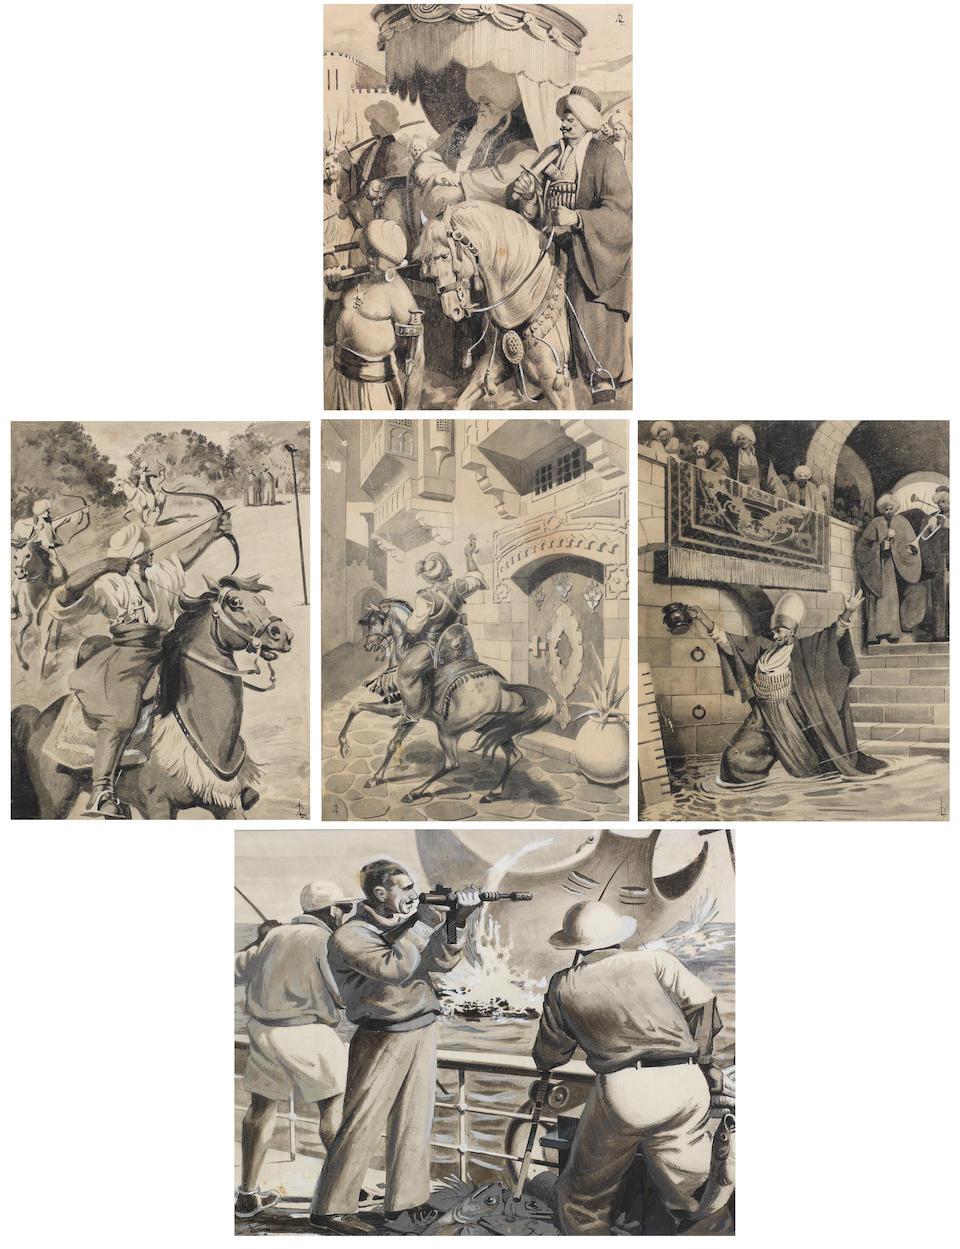 لوحة تصور الرسومات أحادية اللون لحسين بيكار